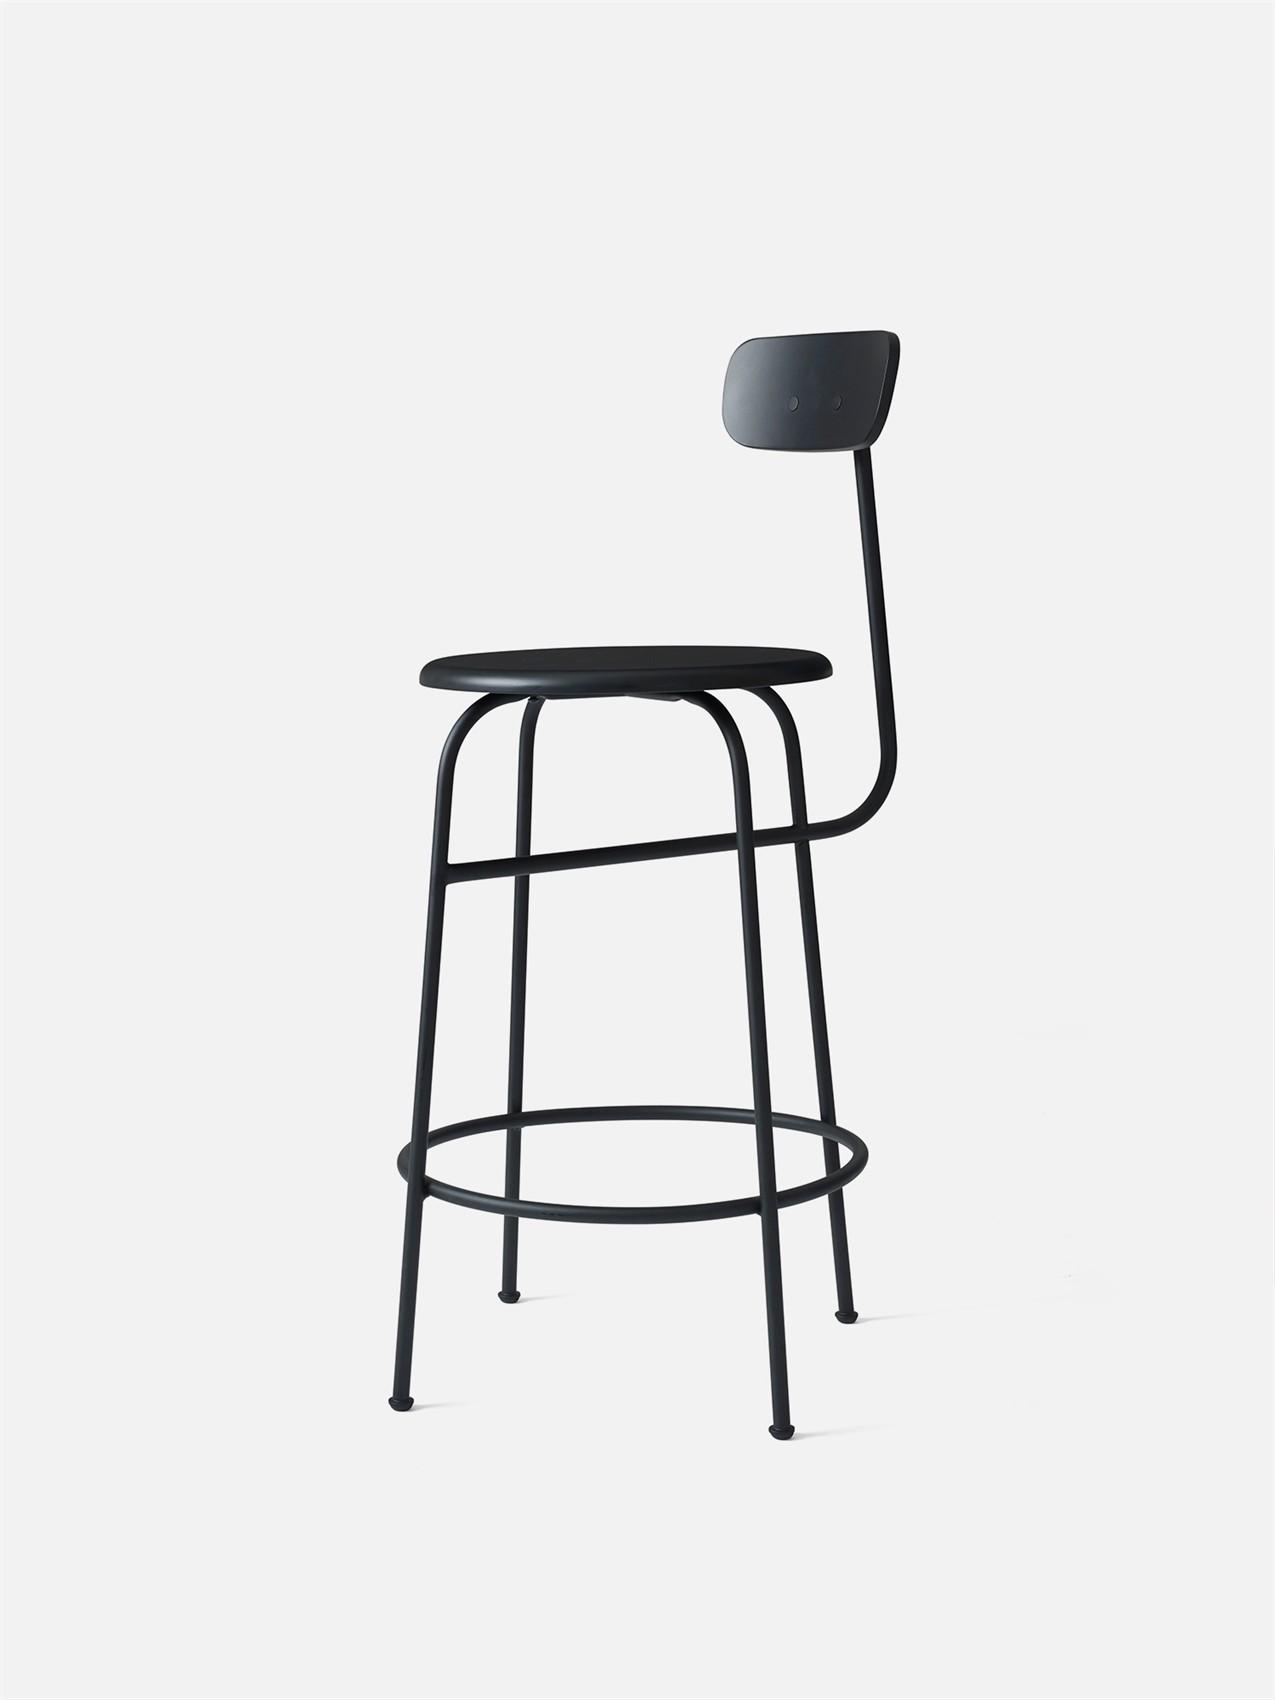 Chaise De Comptoir Afteroom Counter Chair De Menu 6 Coloris